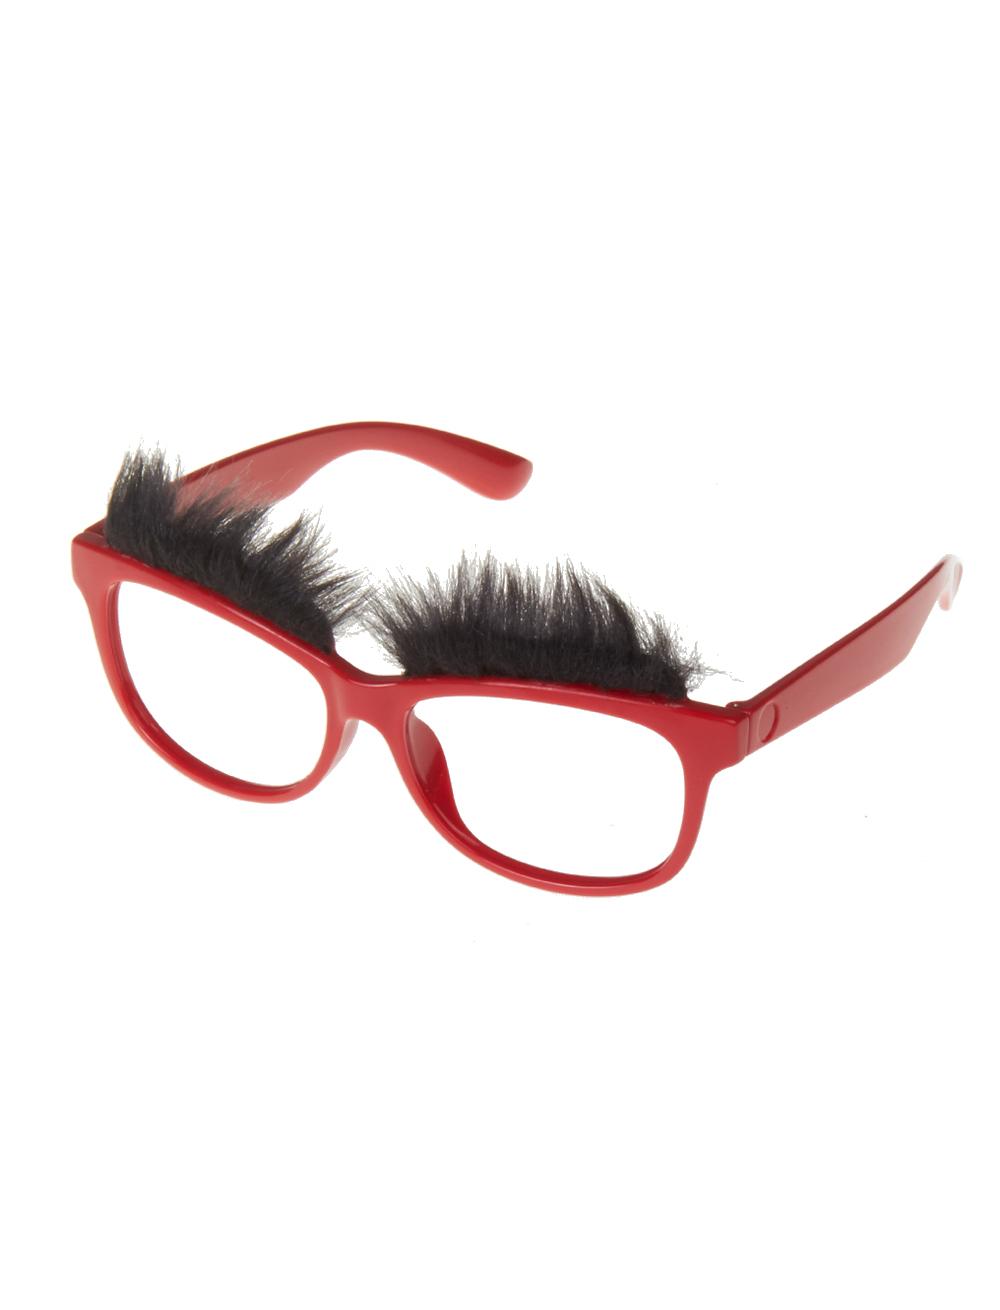 Kostuemzubehor Brille mit Augenbrauen rot